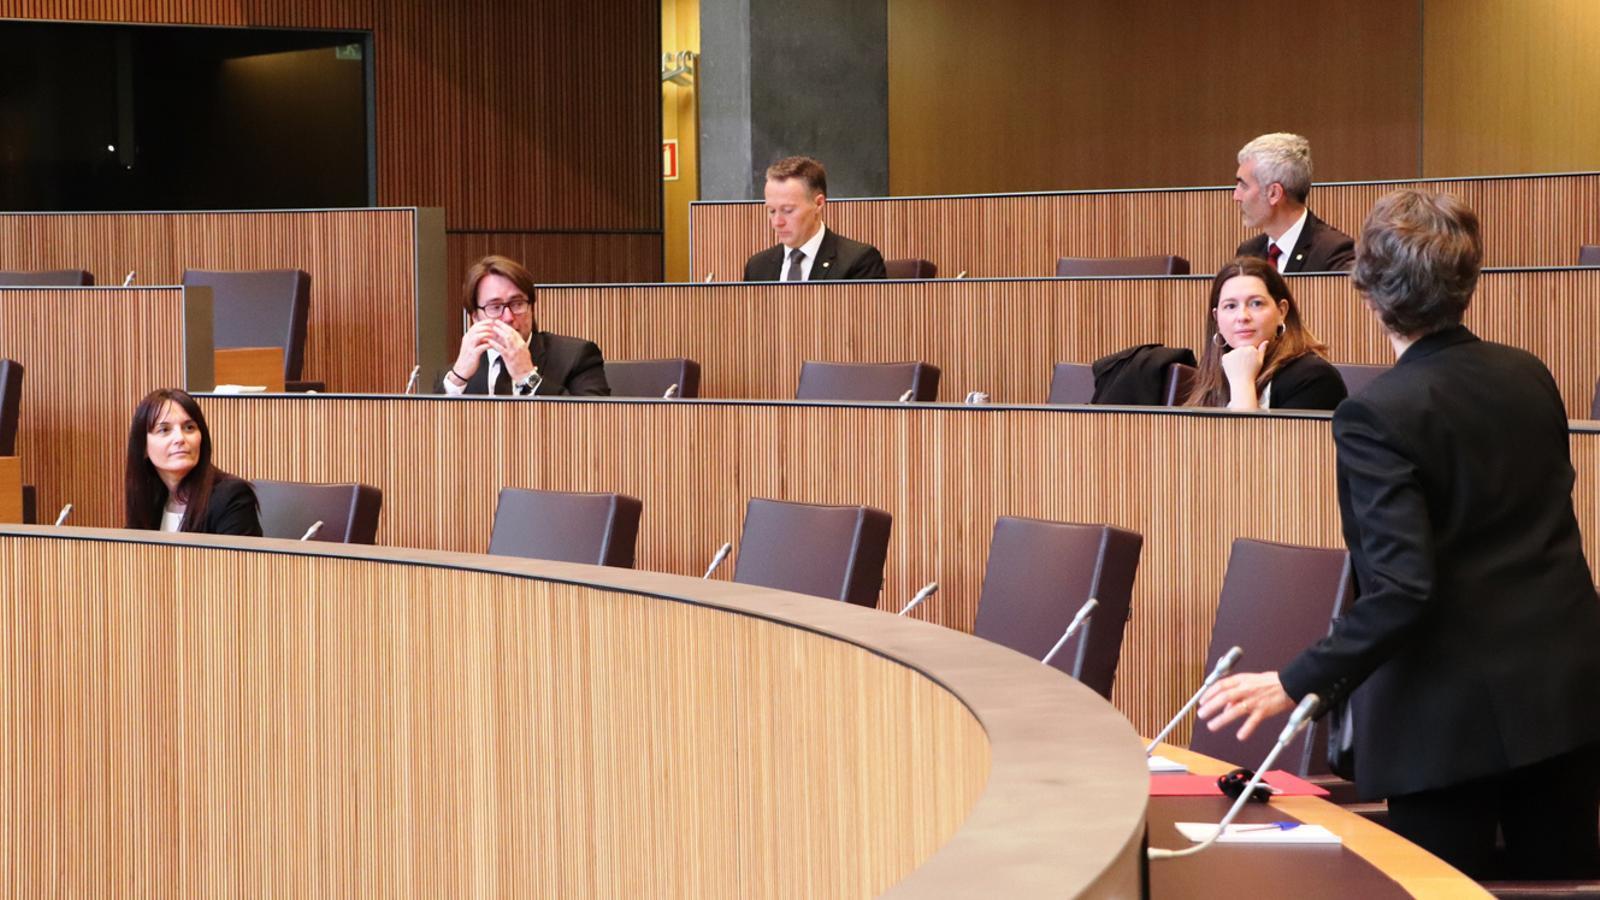 Consellers generals que han pres part en la sessió d'aquest dilluns moments abans de l'inici. / DEMÒCRATES